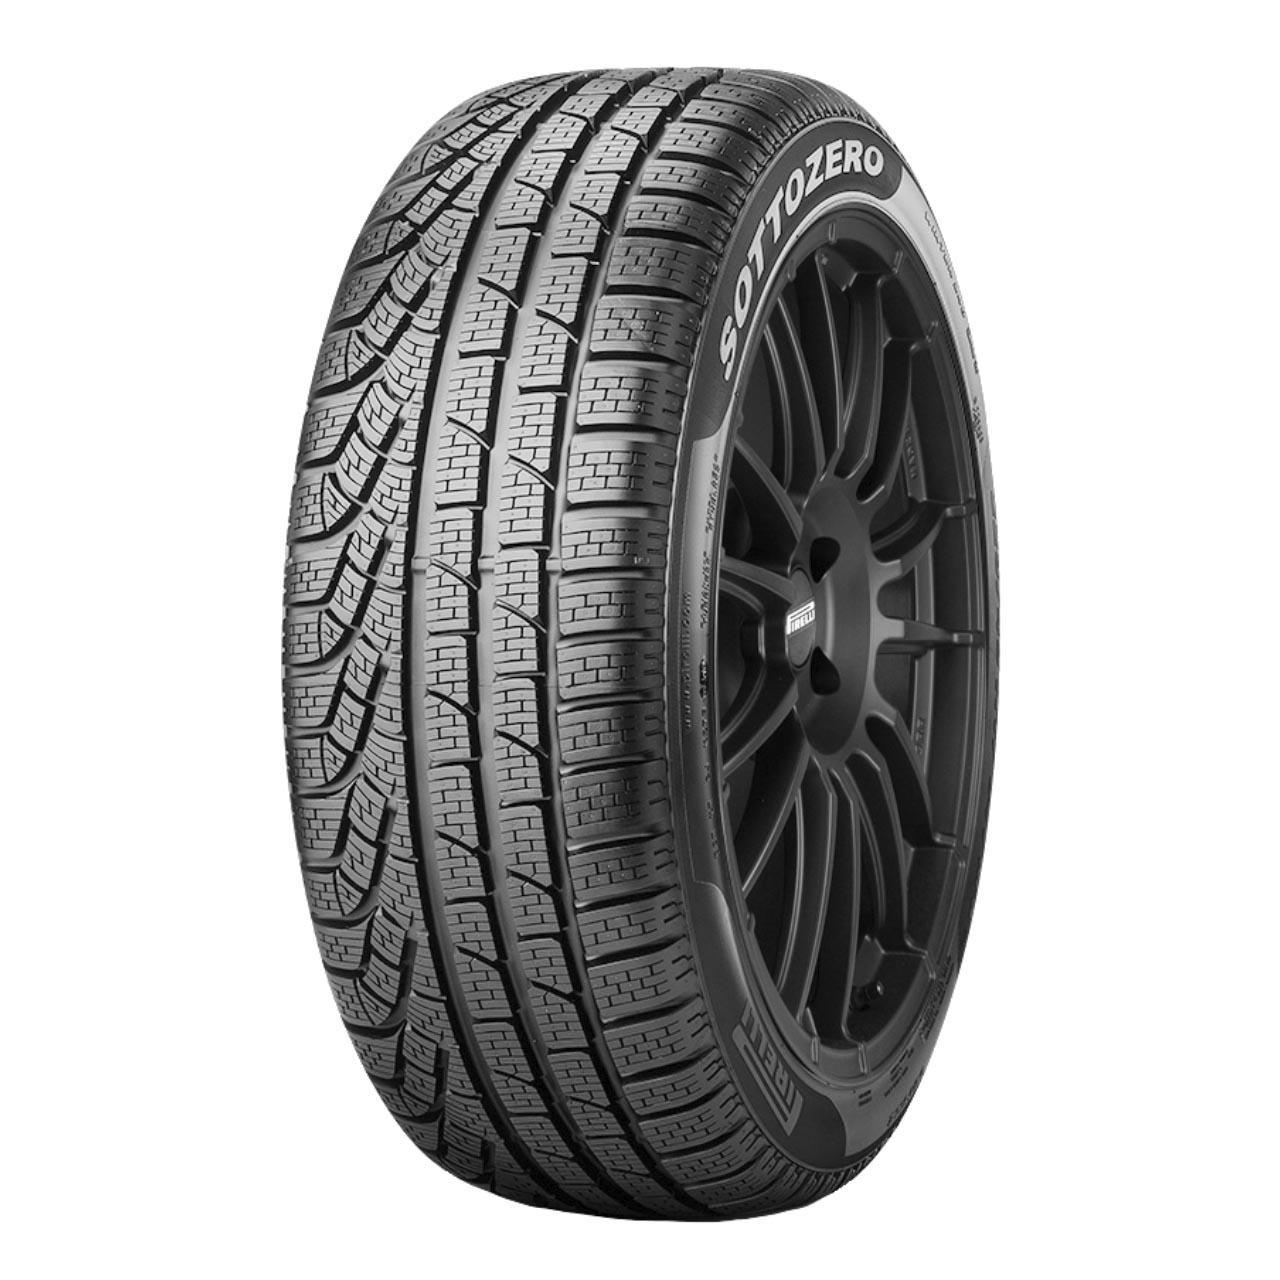 Pirelli Winter 270 Sottozero 2 265/35R19 98W XL MO